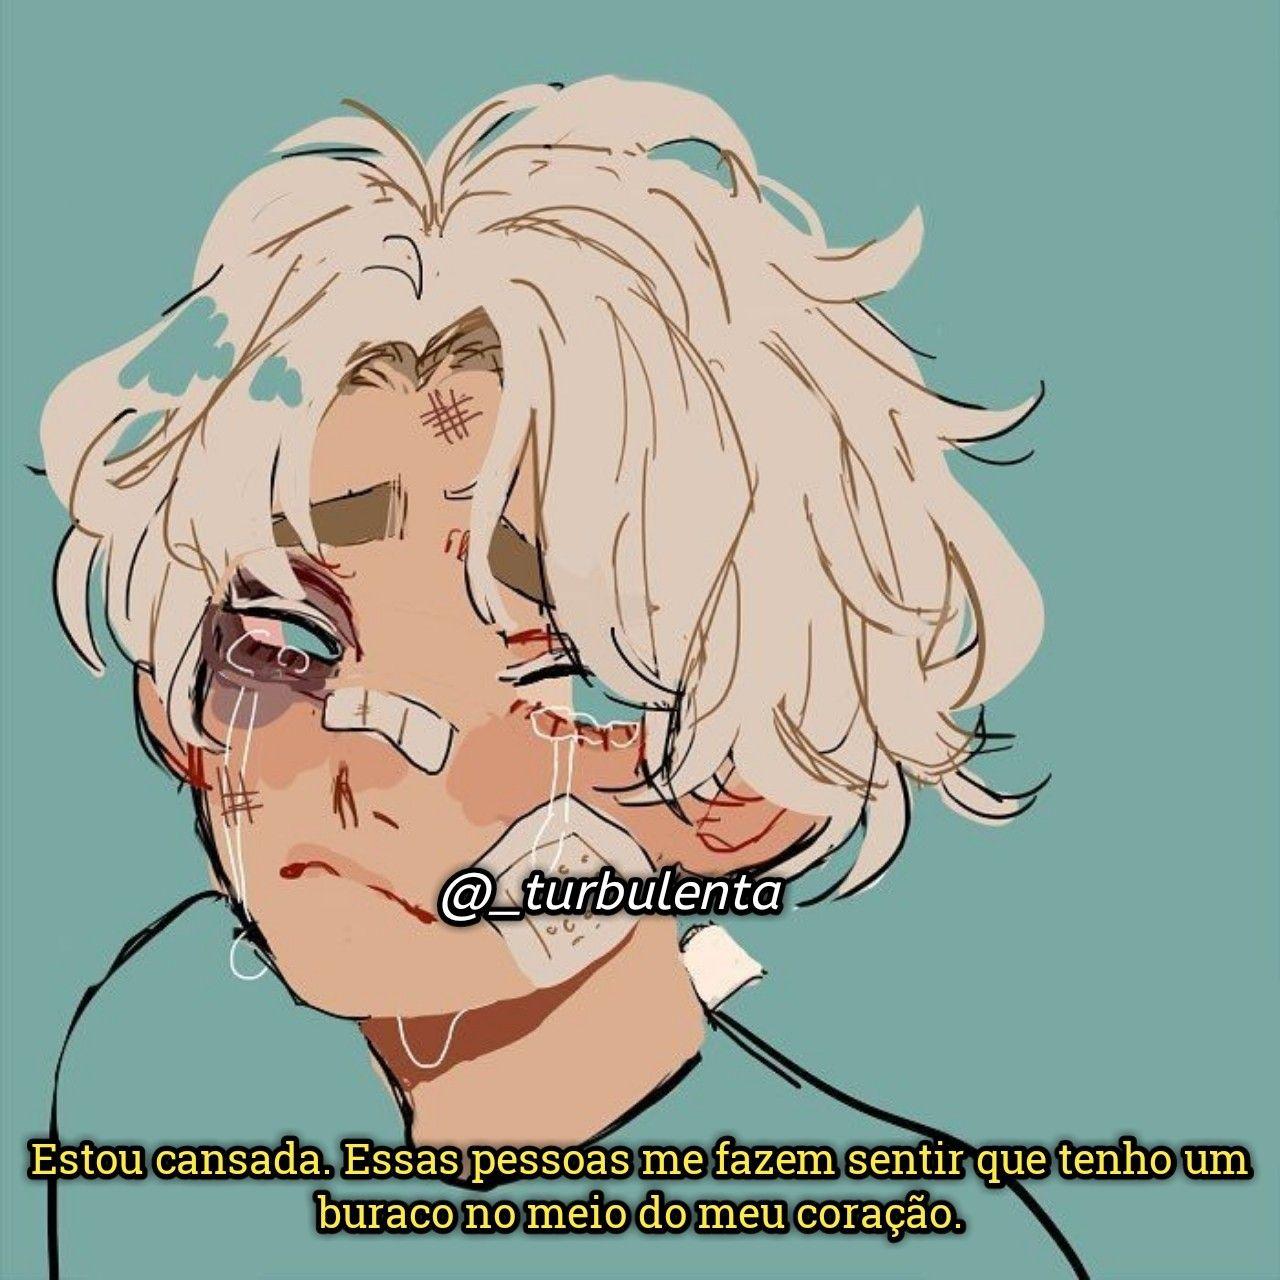 Cute Anime Aesthetic Boy